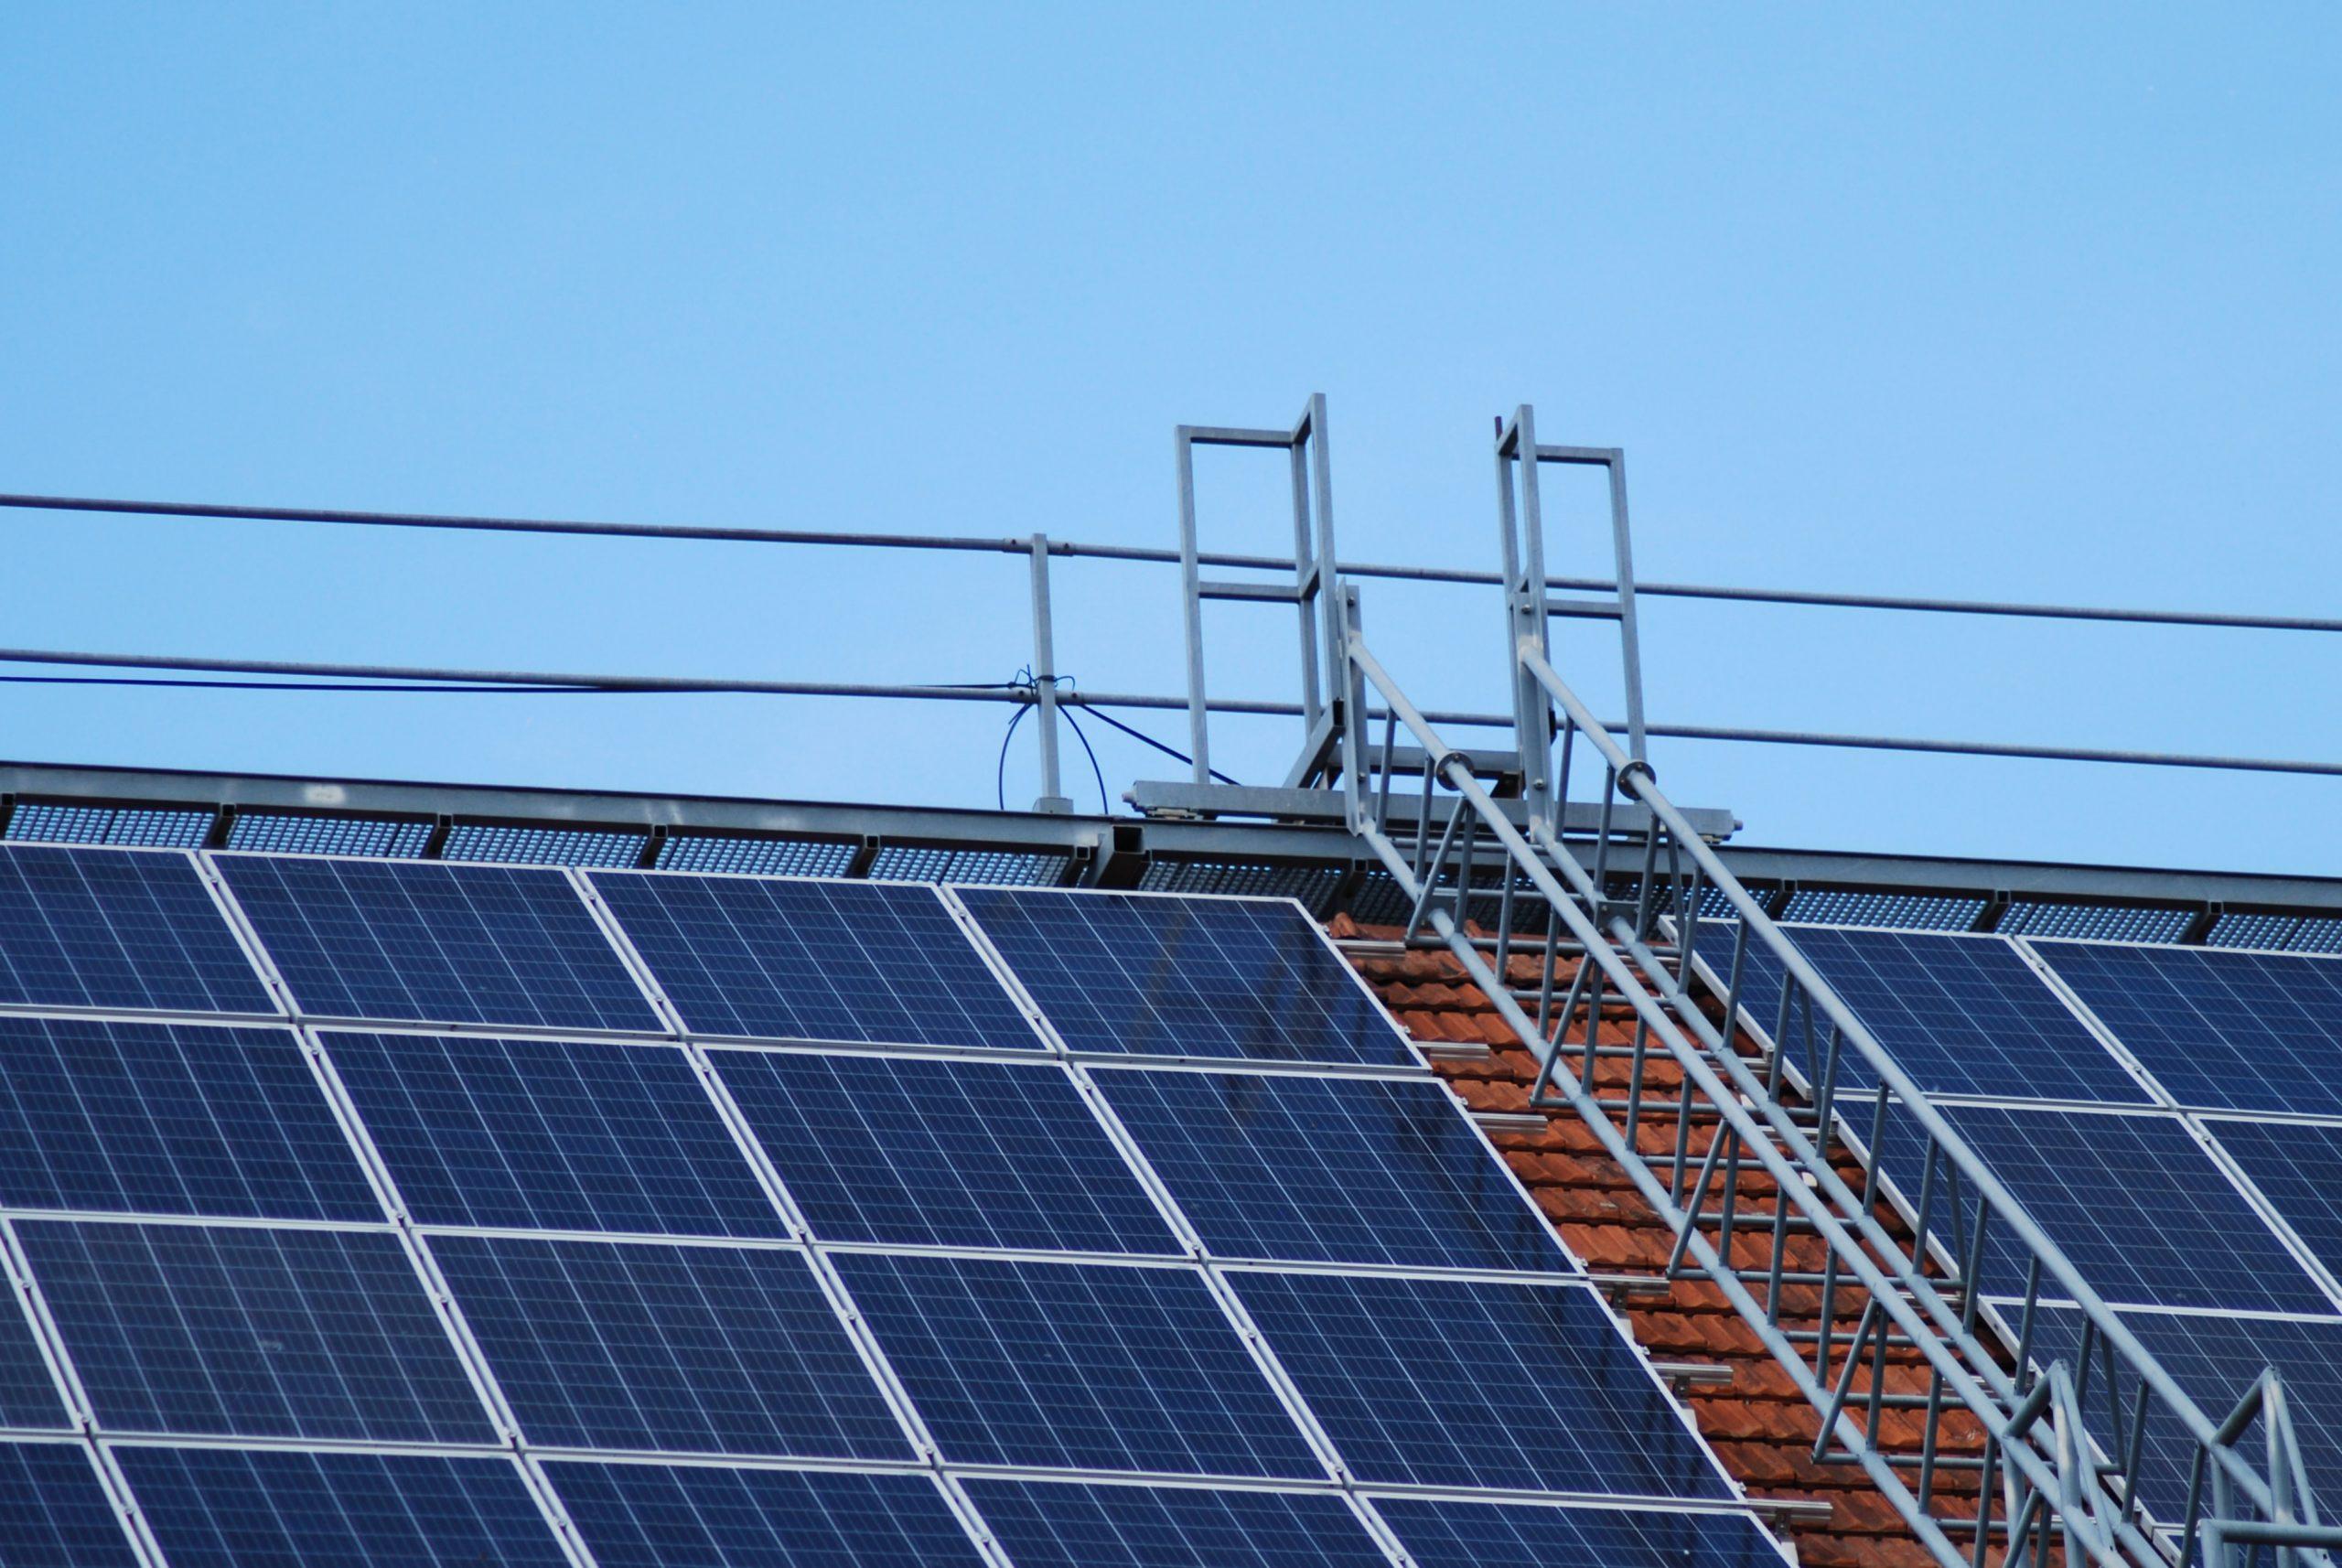 Tipos de paneles solares ¿Cuál me conviene?